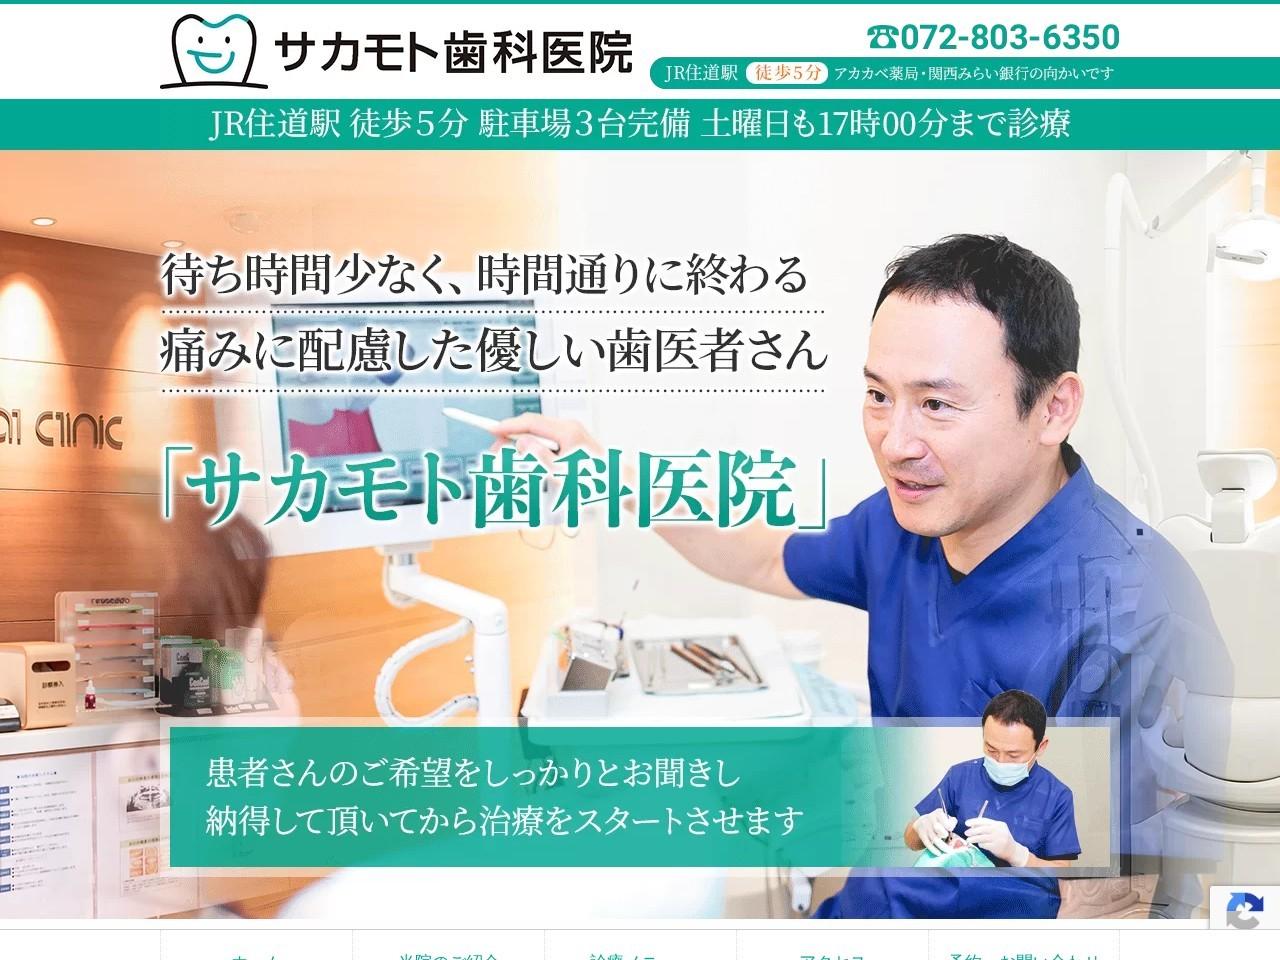 サカモト歯科医院 (大阪府大東市)